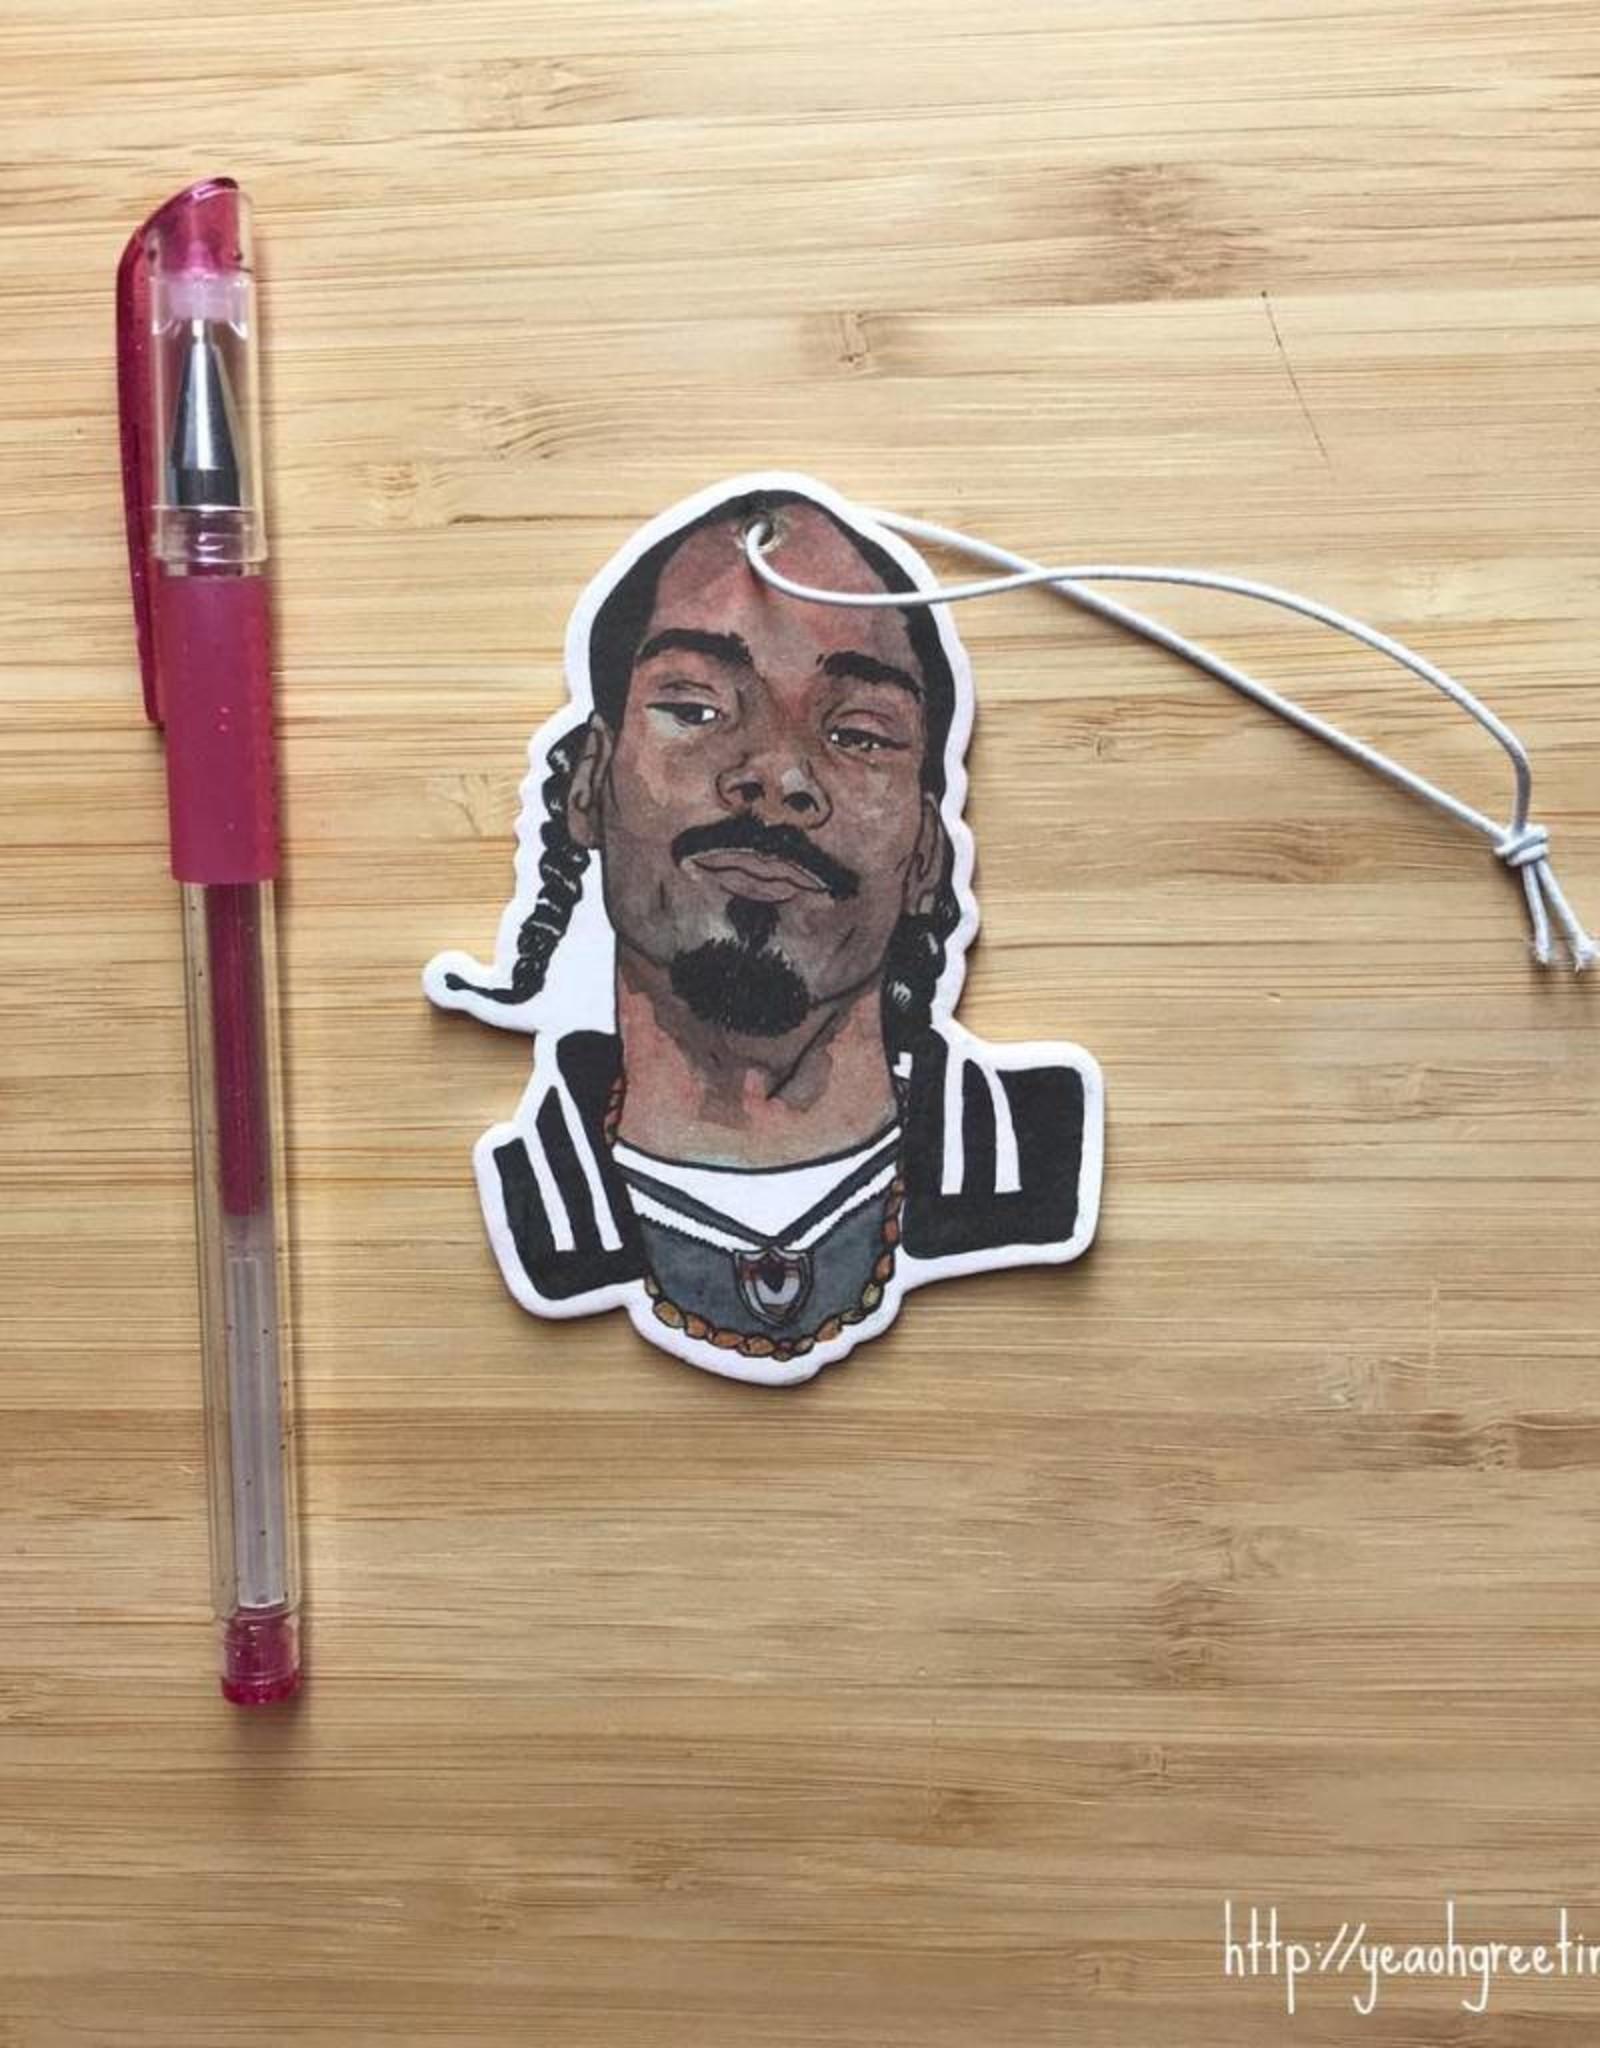 Snoop Air Freshener